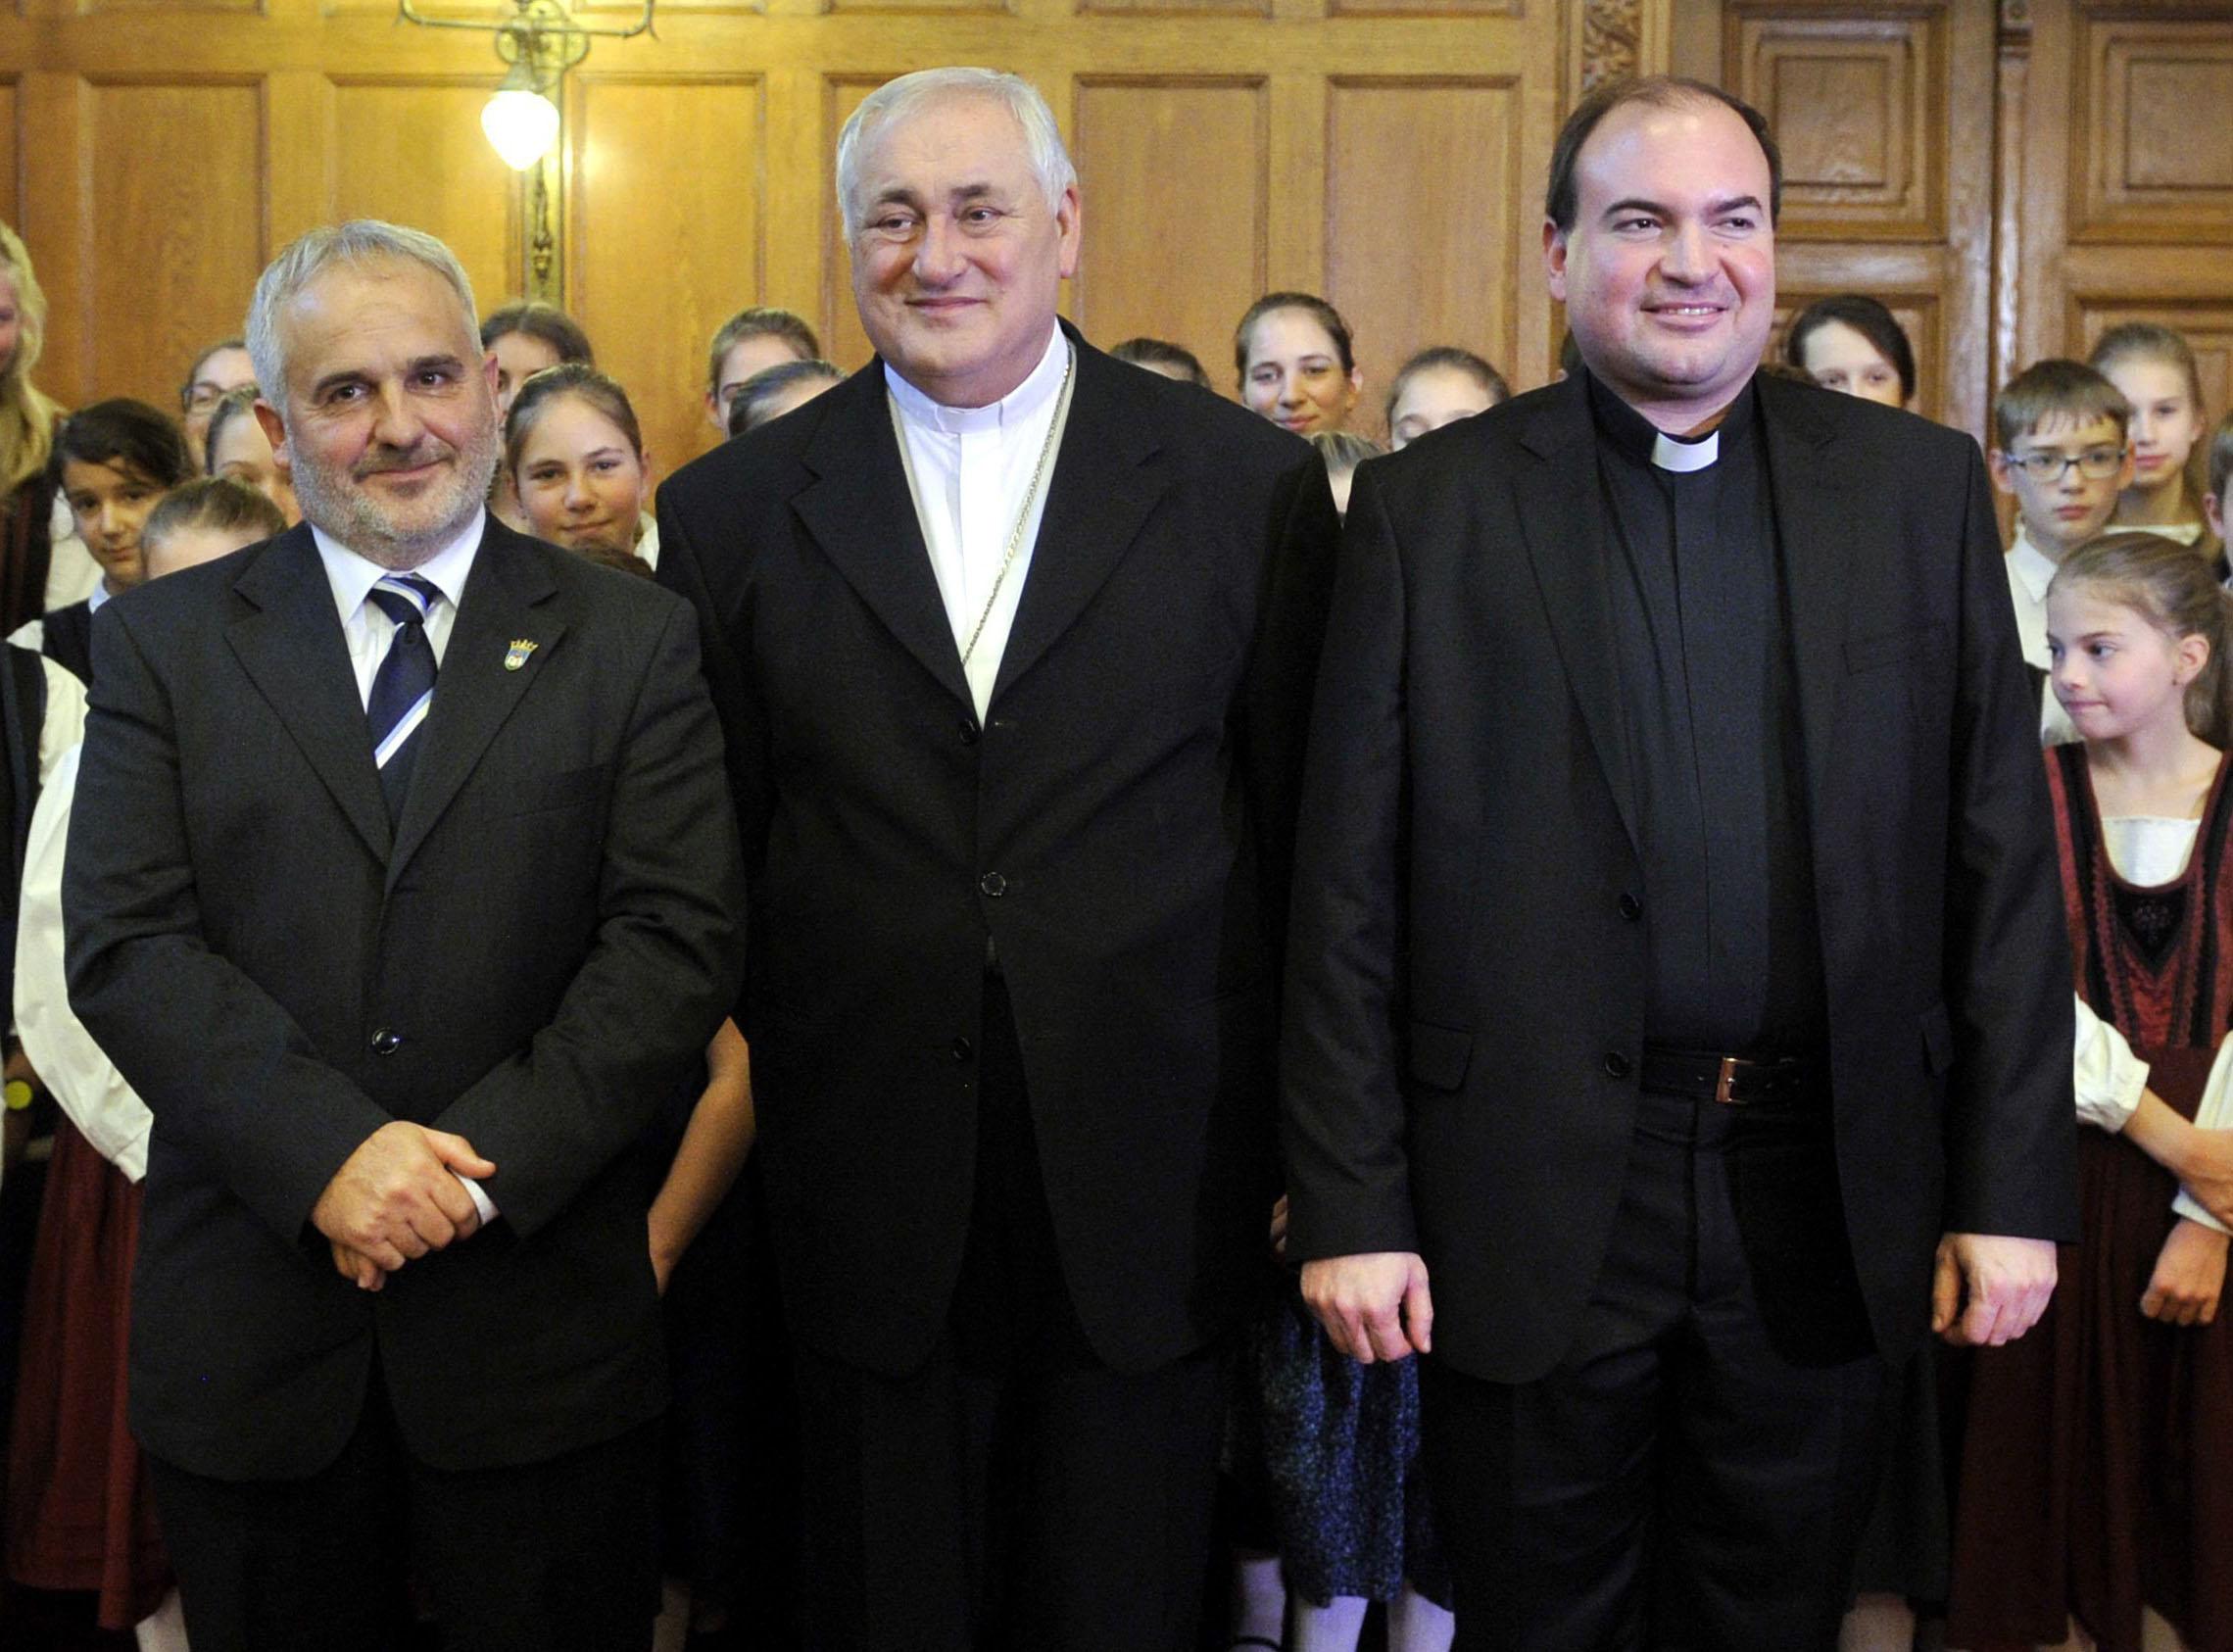 Az Országházban vett át rangos kitüntetést Bíró László – galériával frissítve